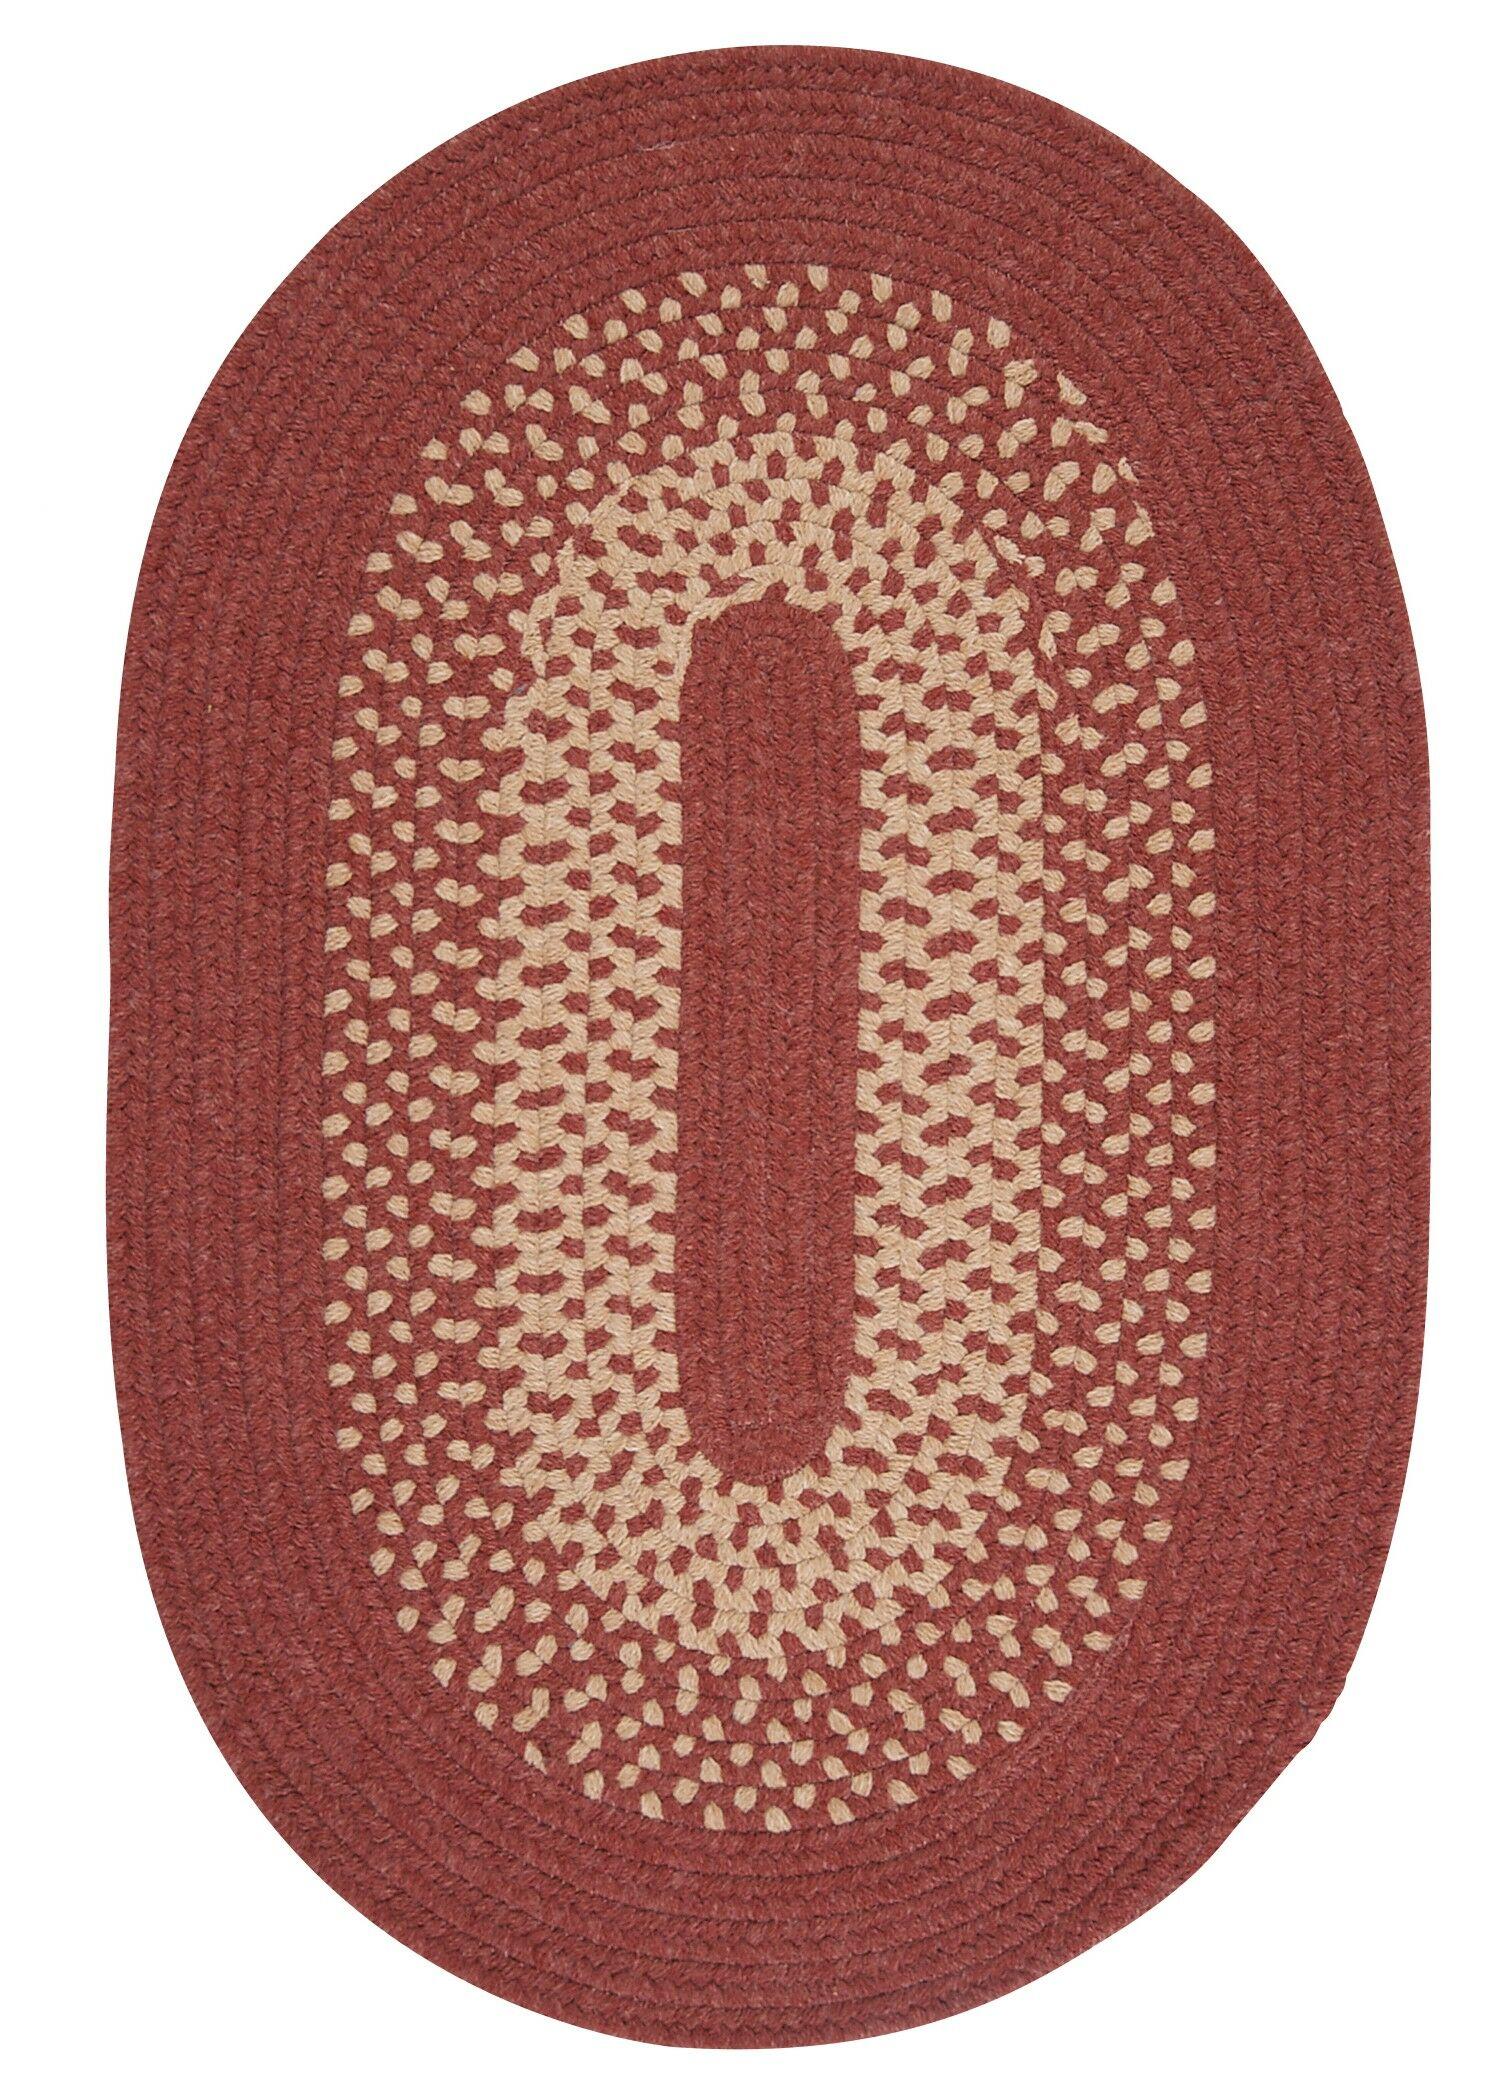 Jackson Rosewood Rug Rug Size: Round 8'